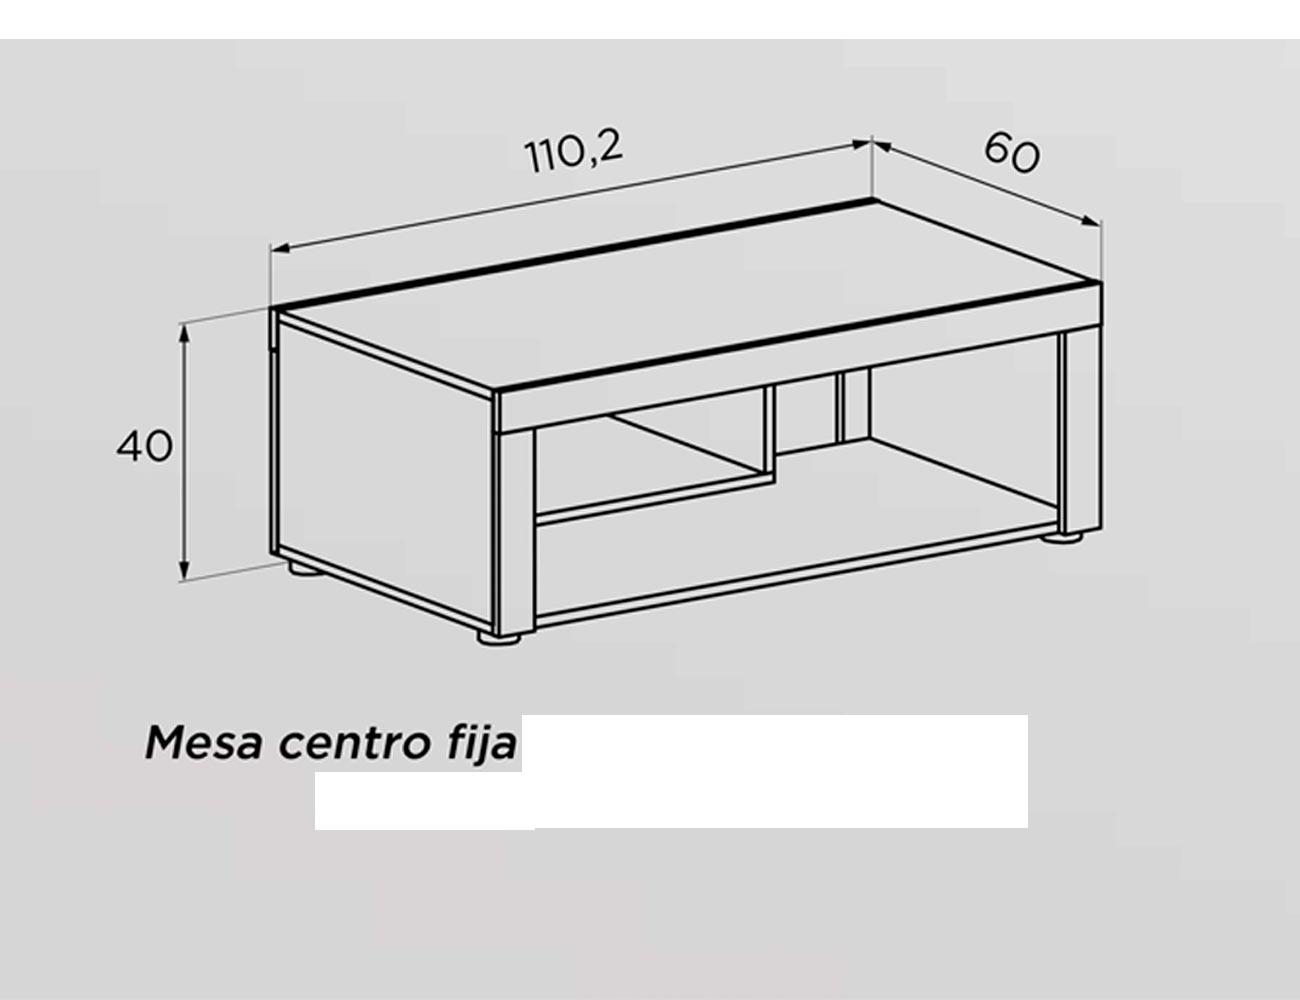 Tecnico mesa centro fija 1101